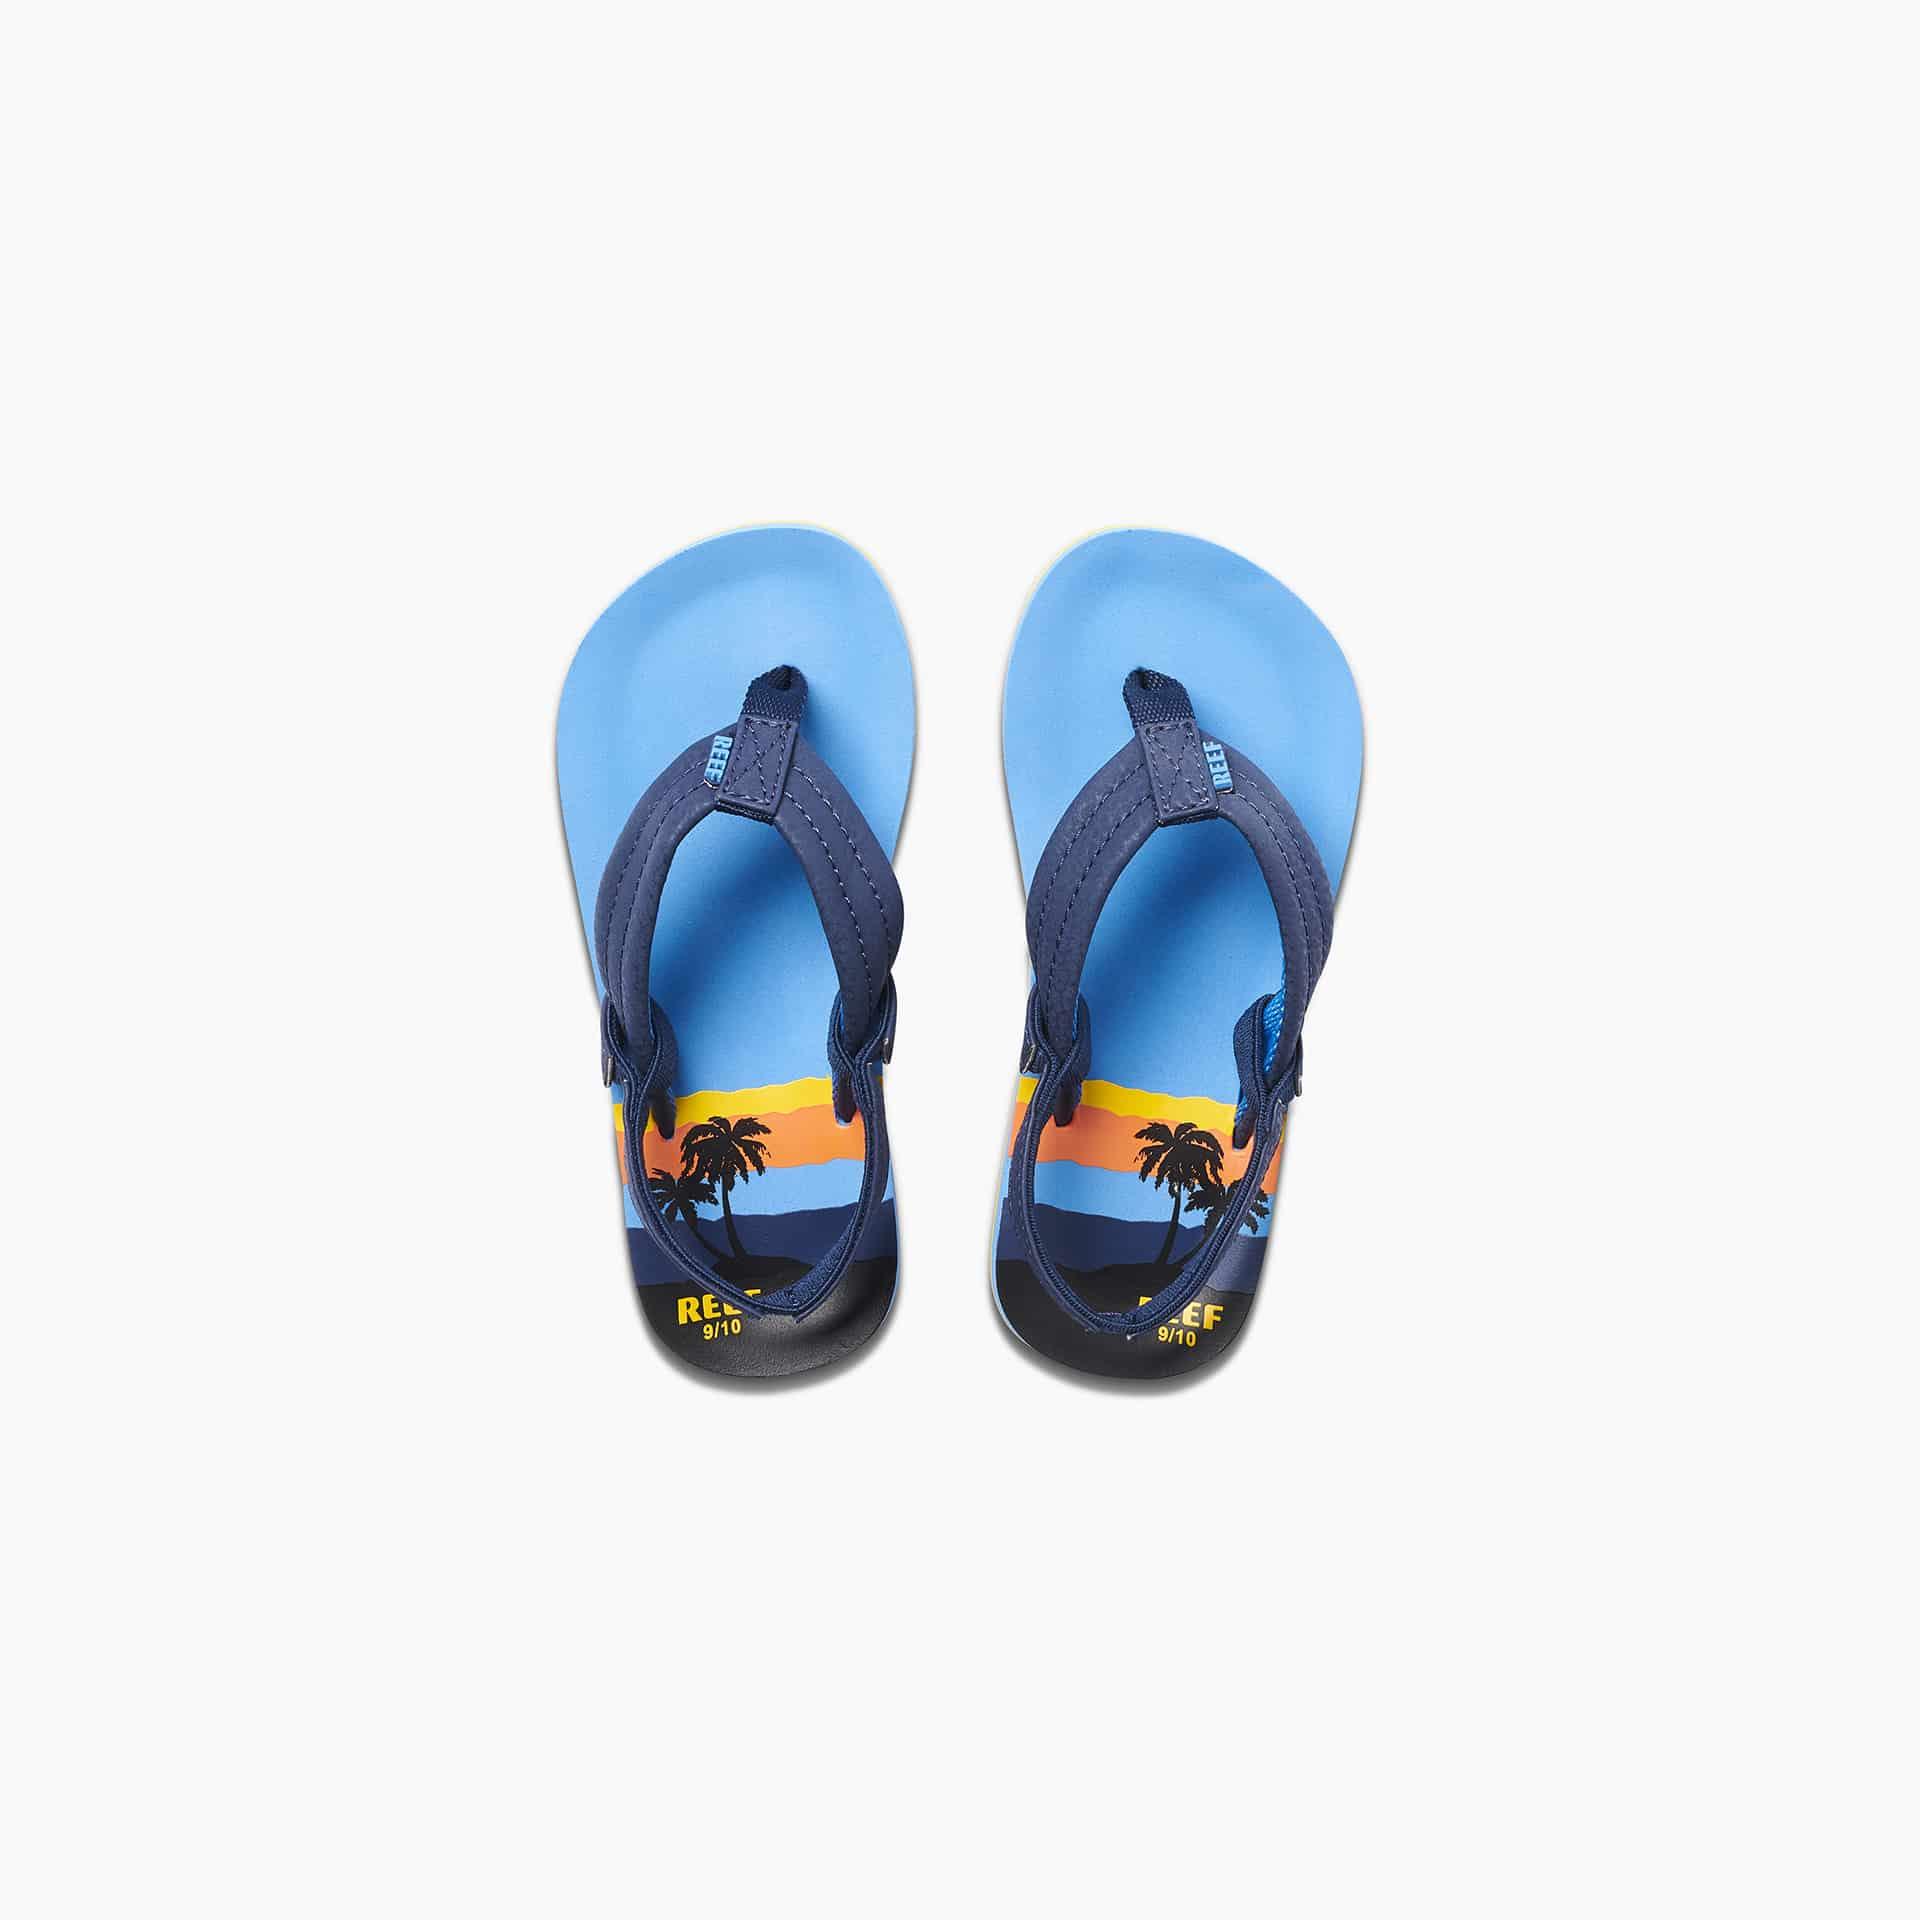 LITTLE AHI BLUE HAWAII